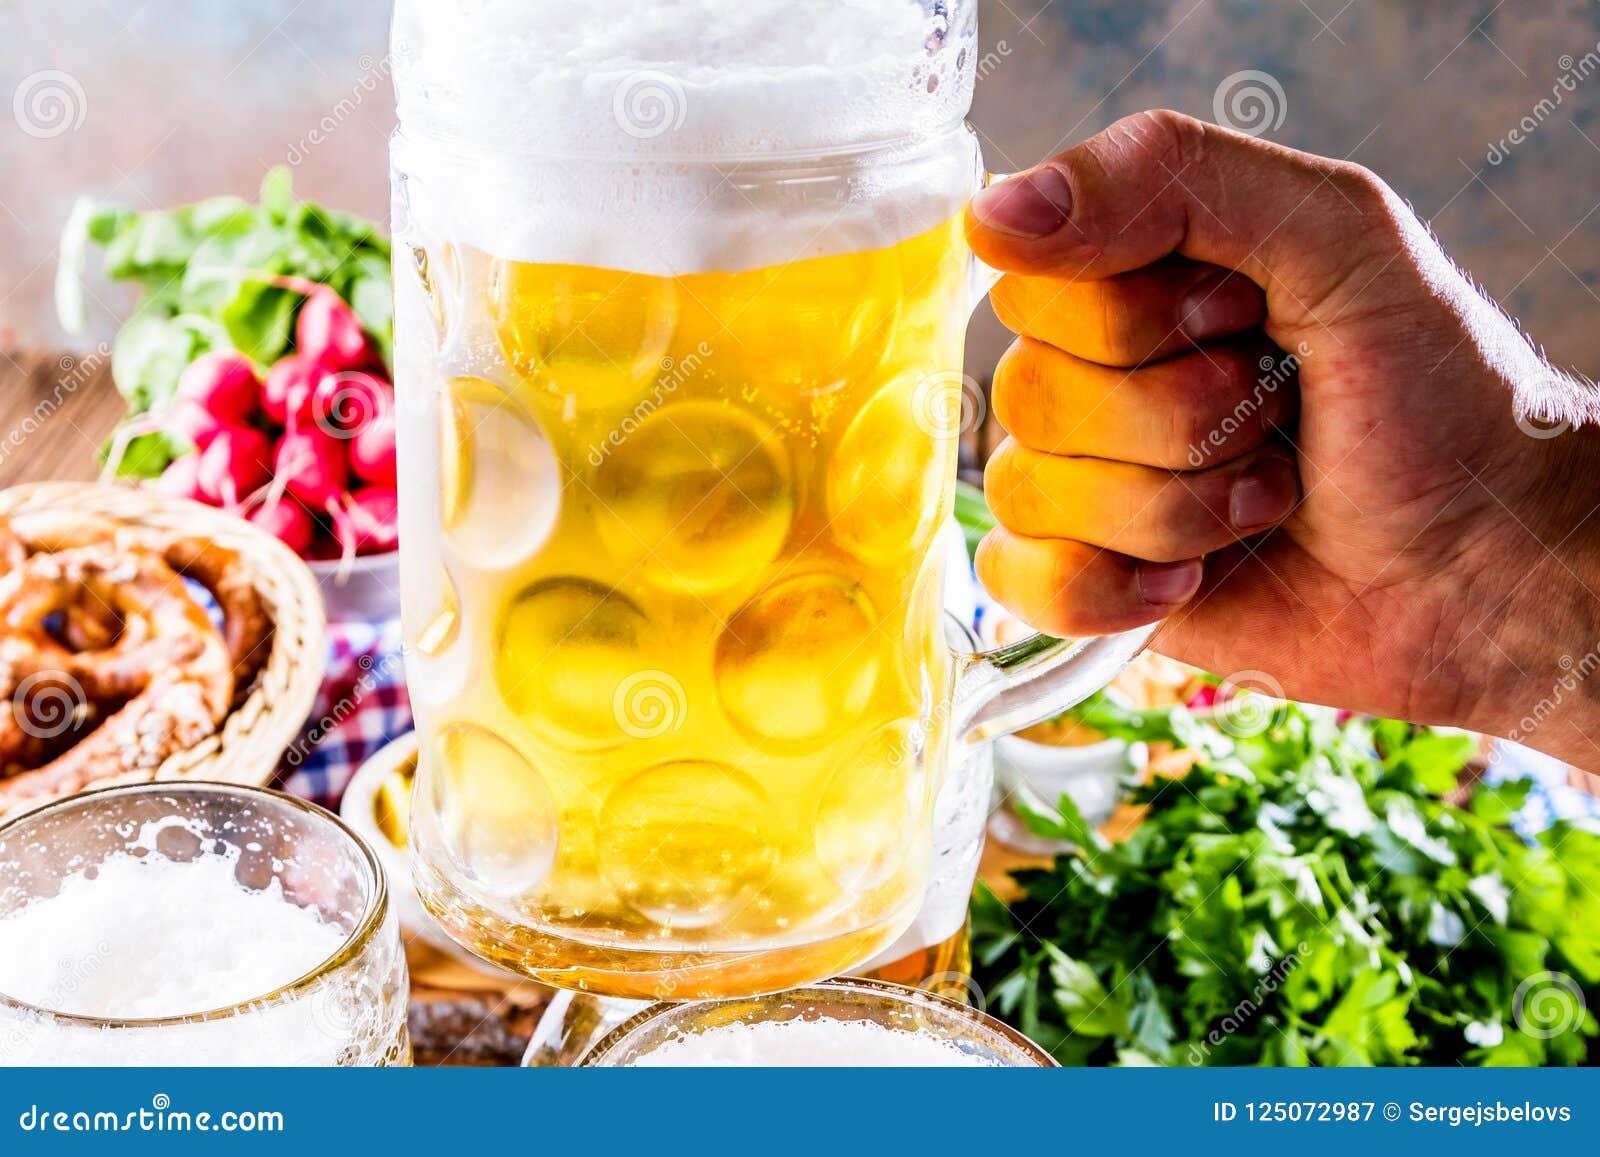 Menu de nourriture d Oktoberfest, saucisses bavaroises avec des bretzels, purée de pommes de terre, choucroute, bière